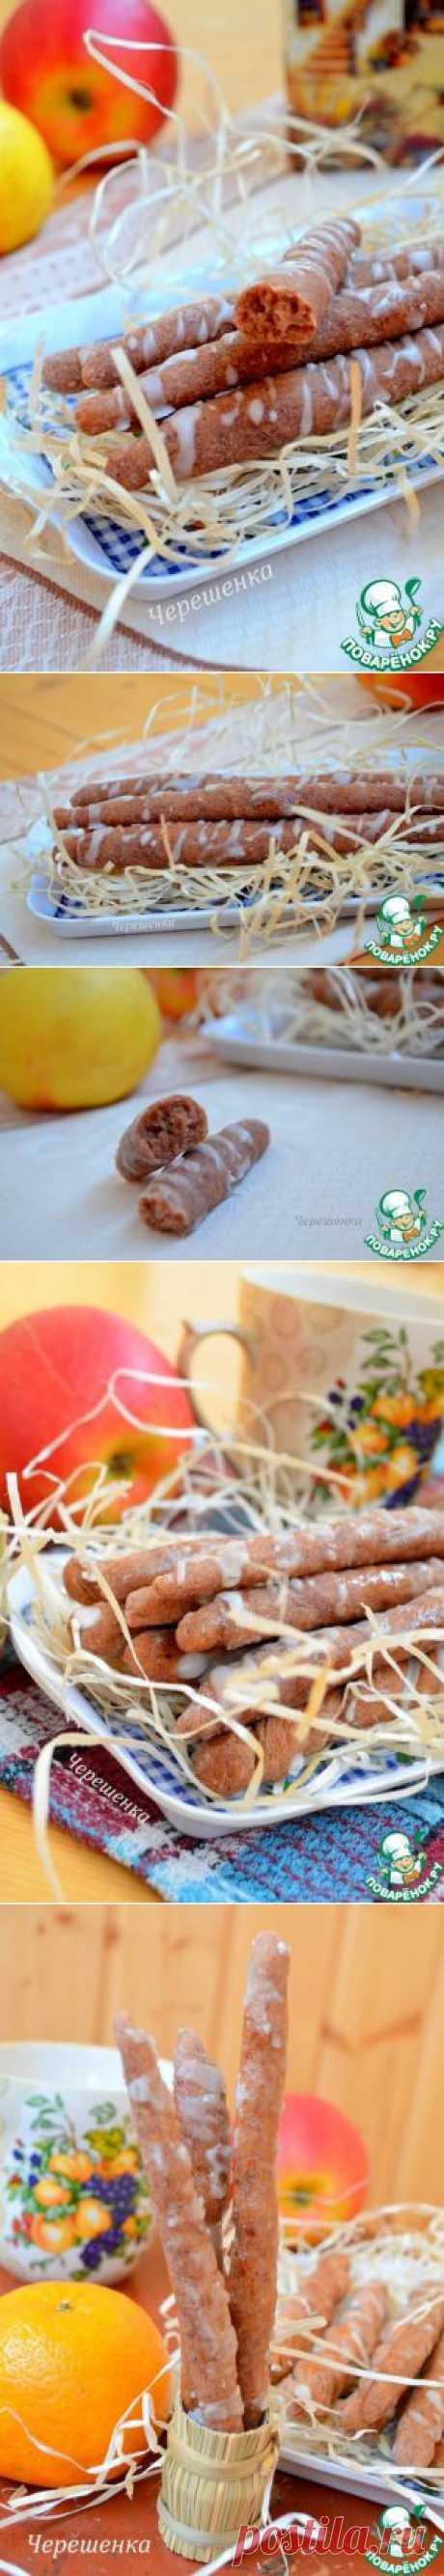 Ореховые трубочки с фасолью и мандарином - кулинарный рецепт